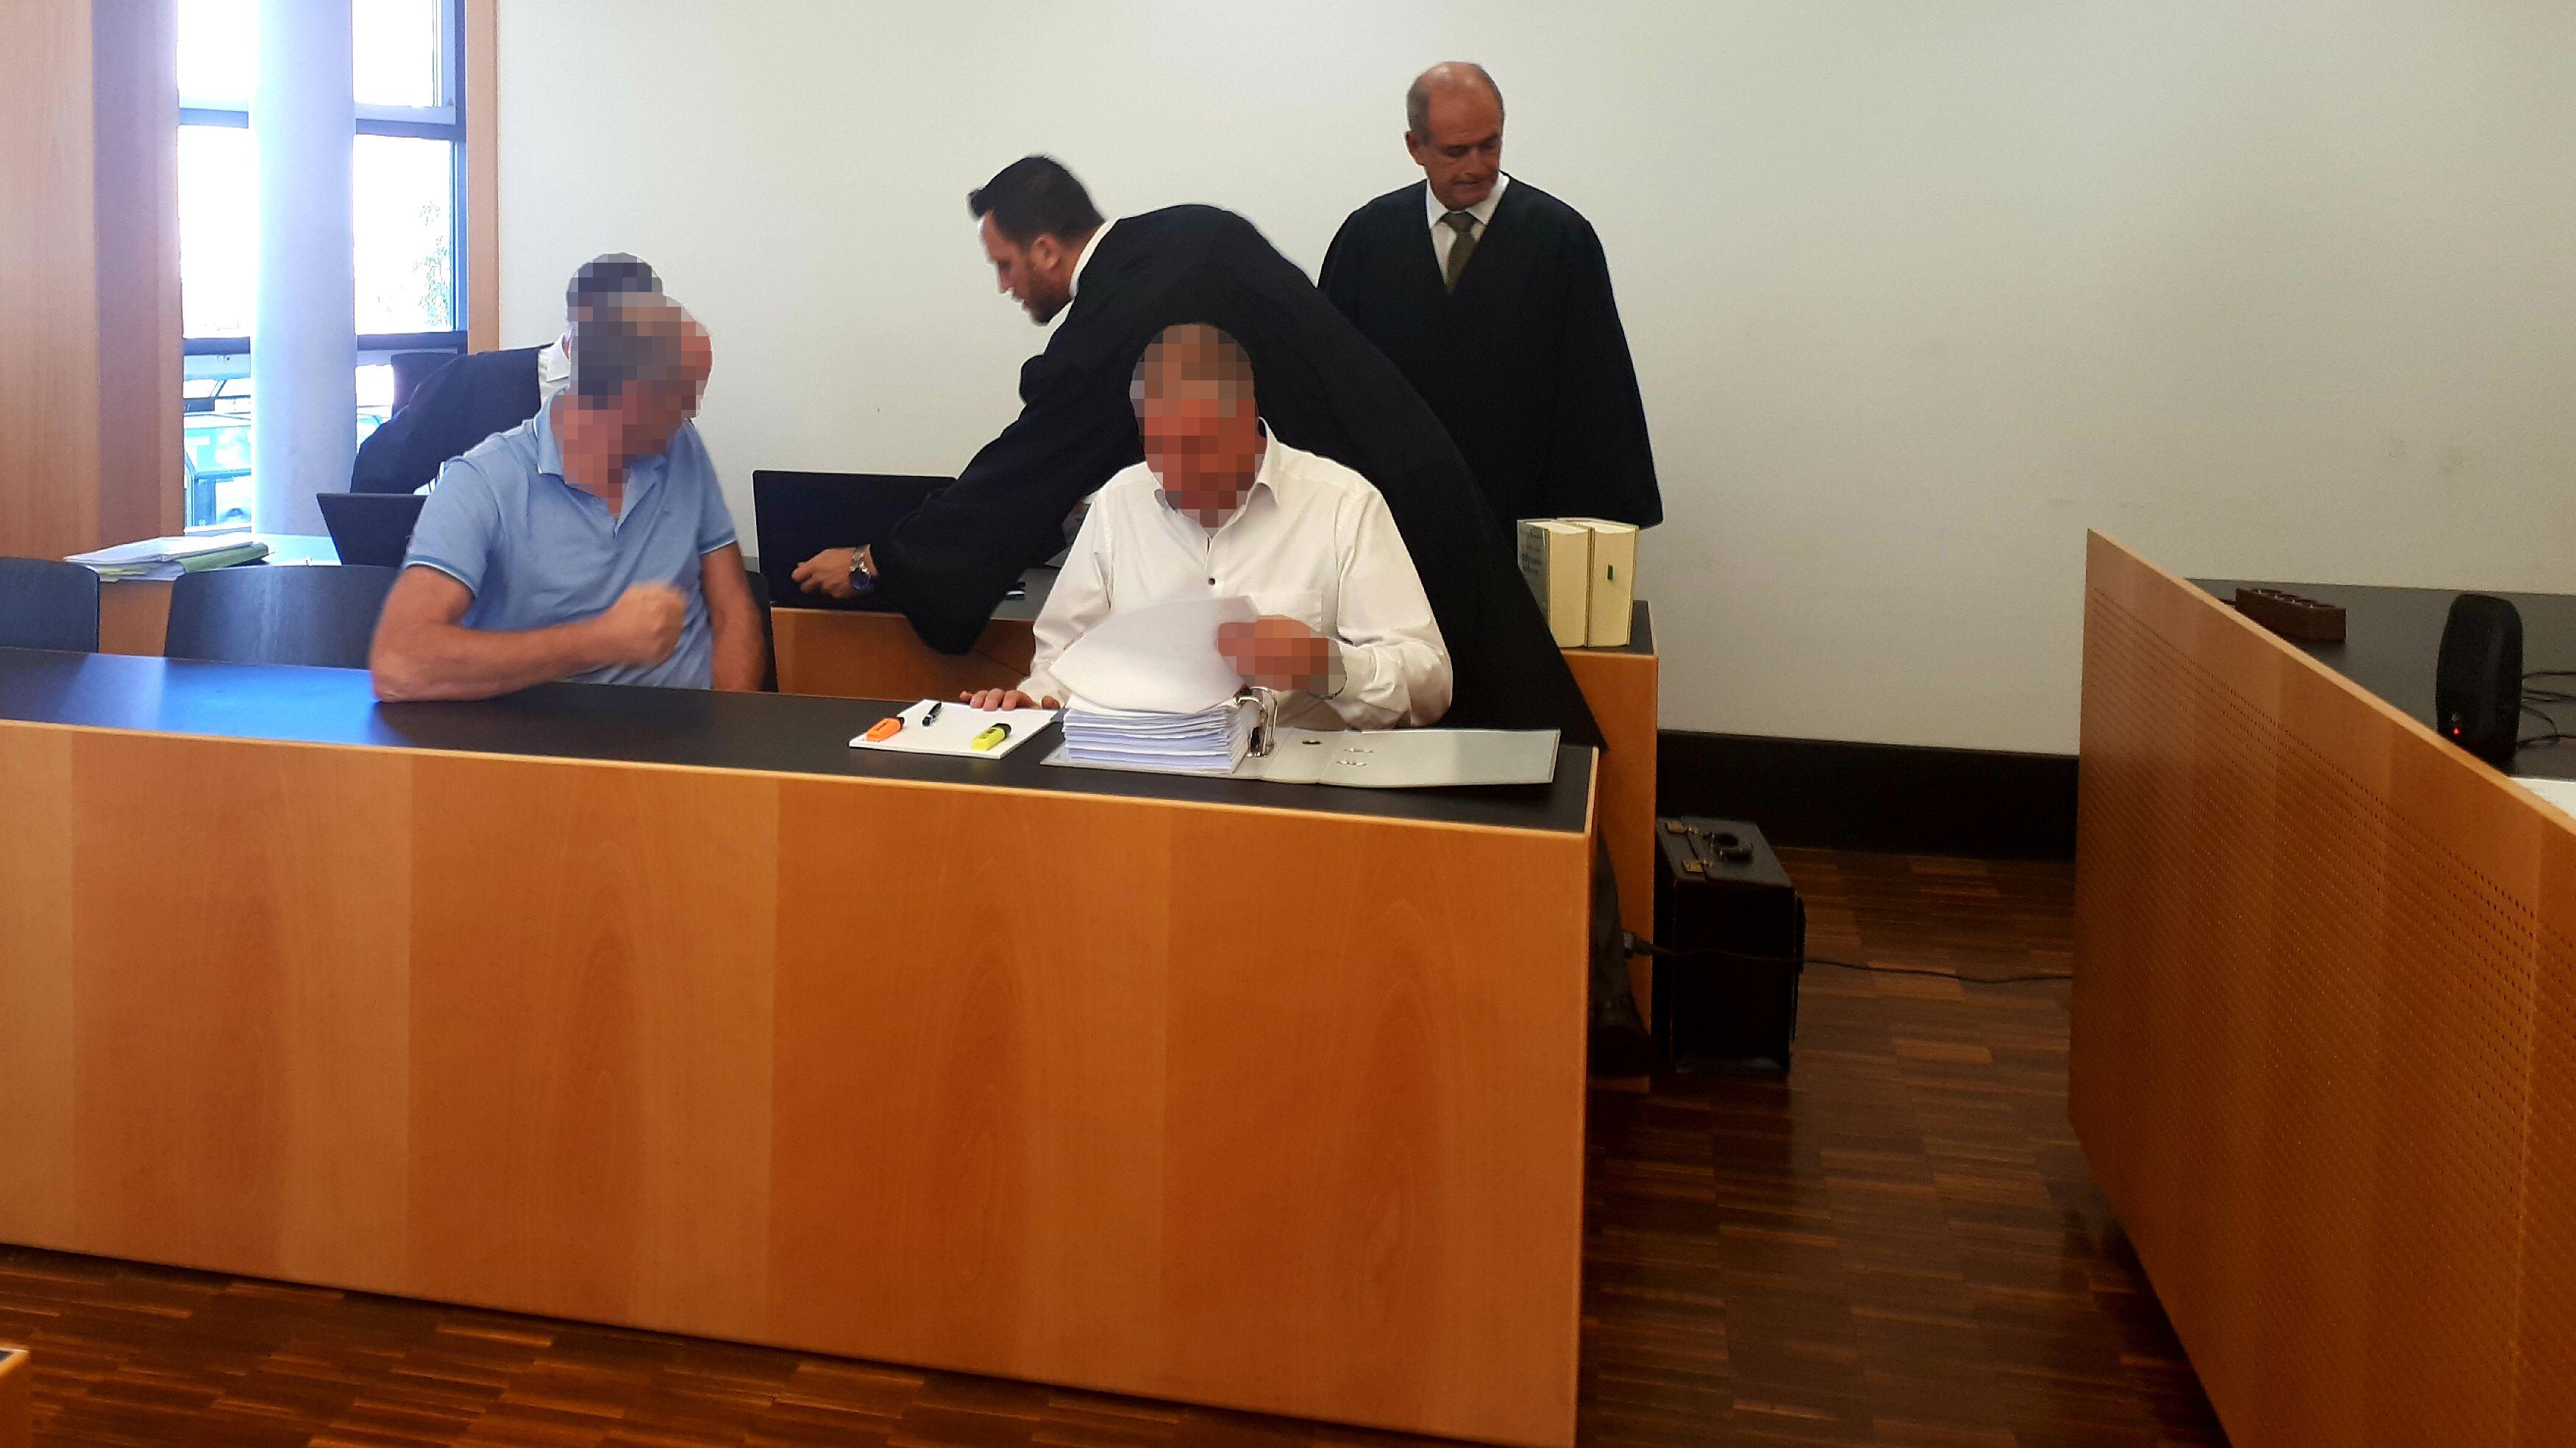 Der Geschäftsführer und ein Mitarbeiter des Krematoriums in Kempten vor dem Amtsgericht Augsburg